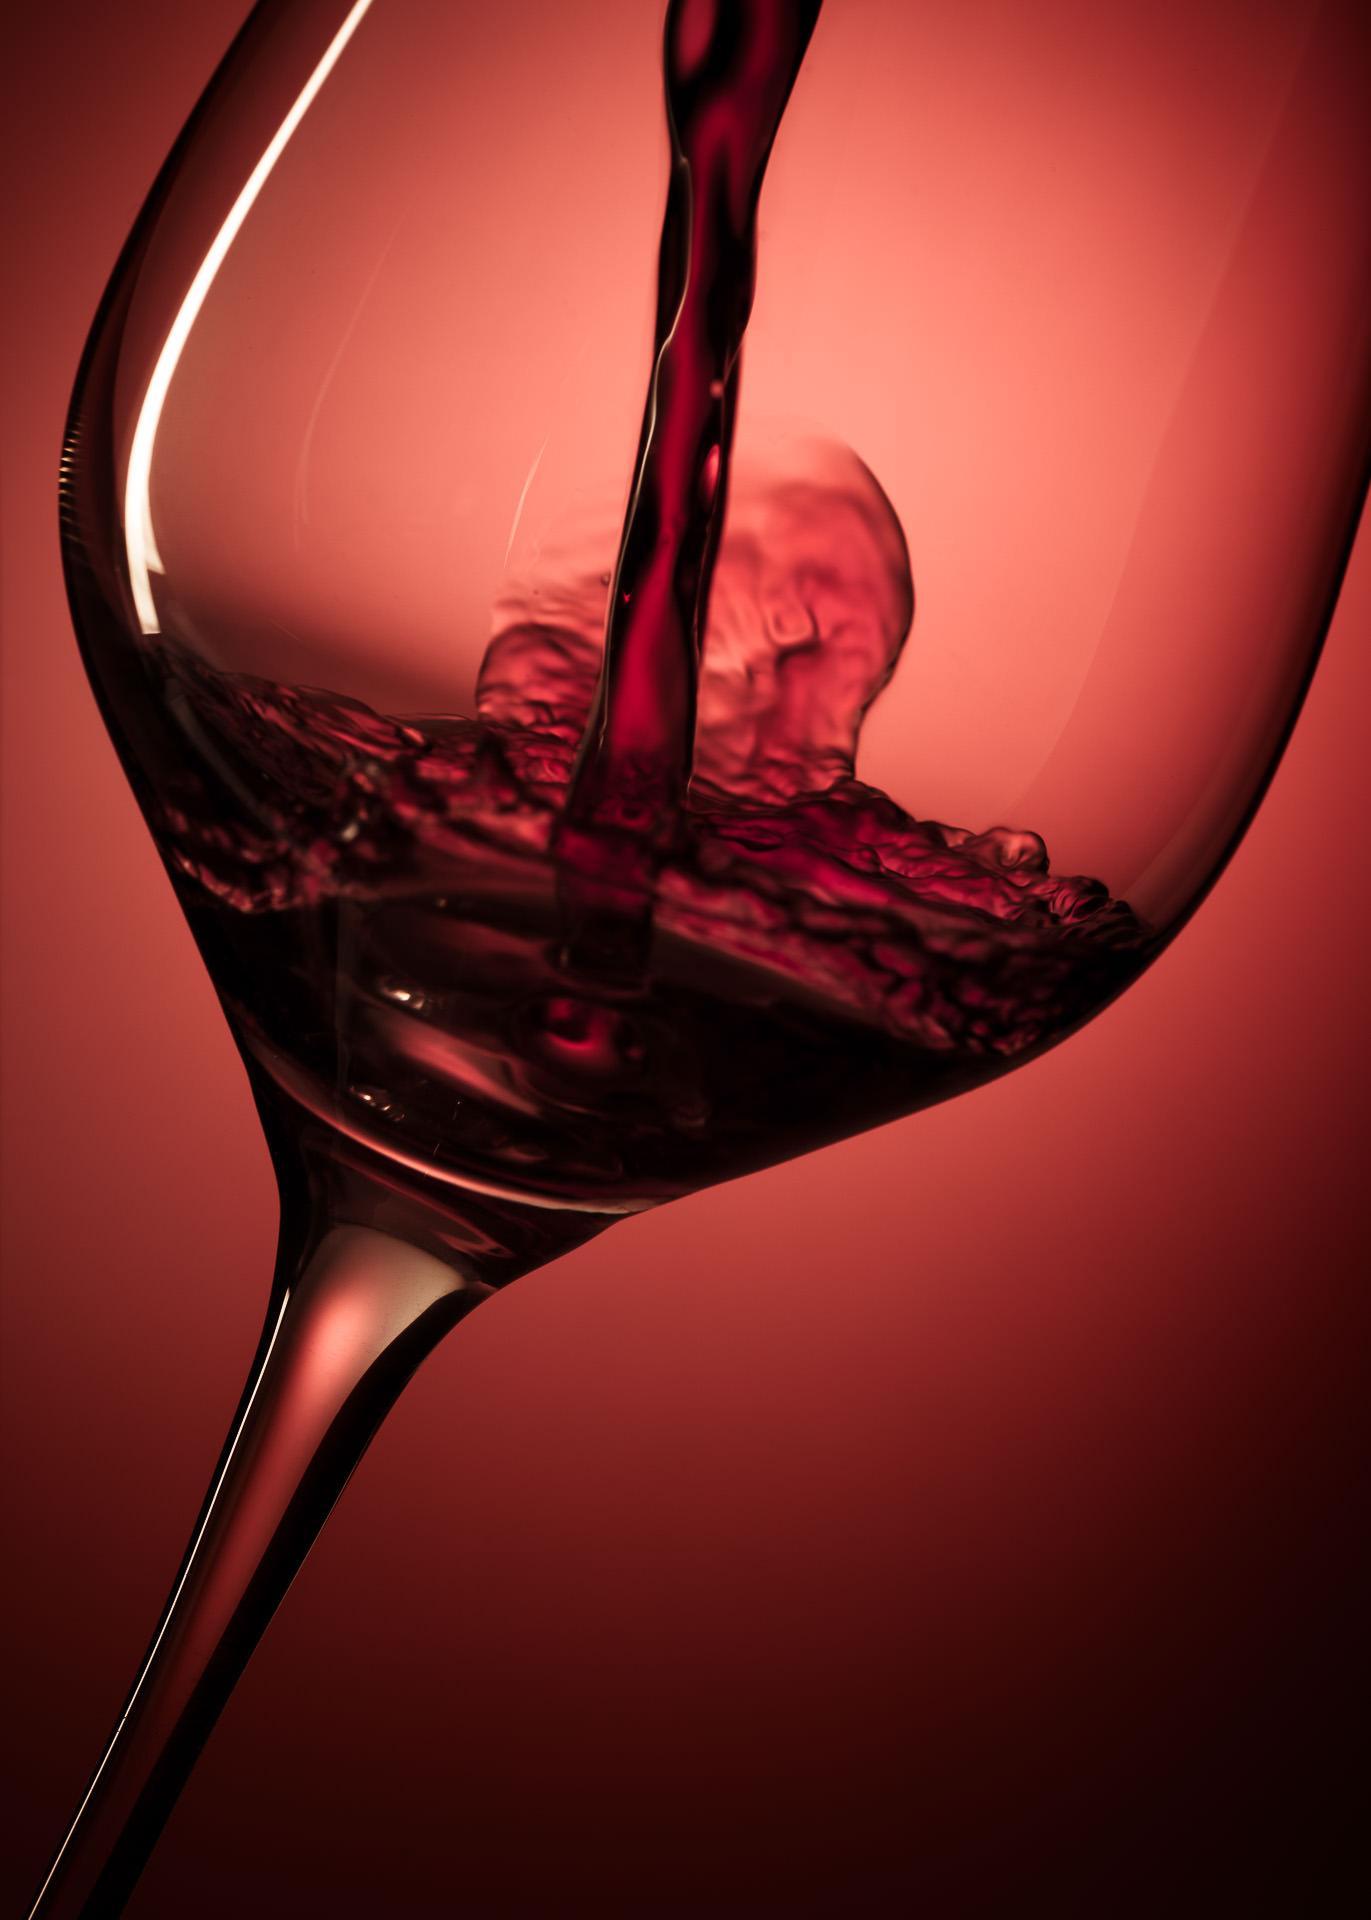 photographe paris verre vin produit jerome puissant. Black Bedroom Furniture Sets. Home Design Ideas